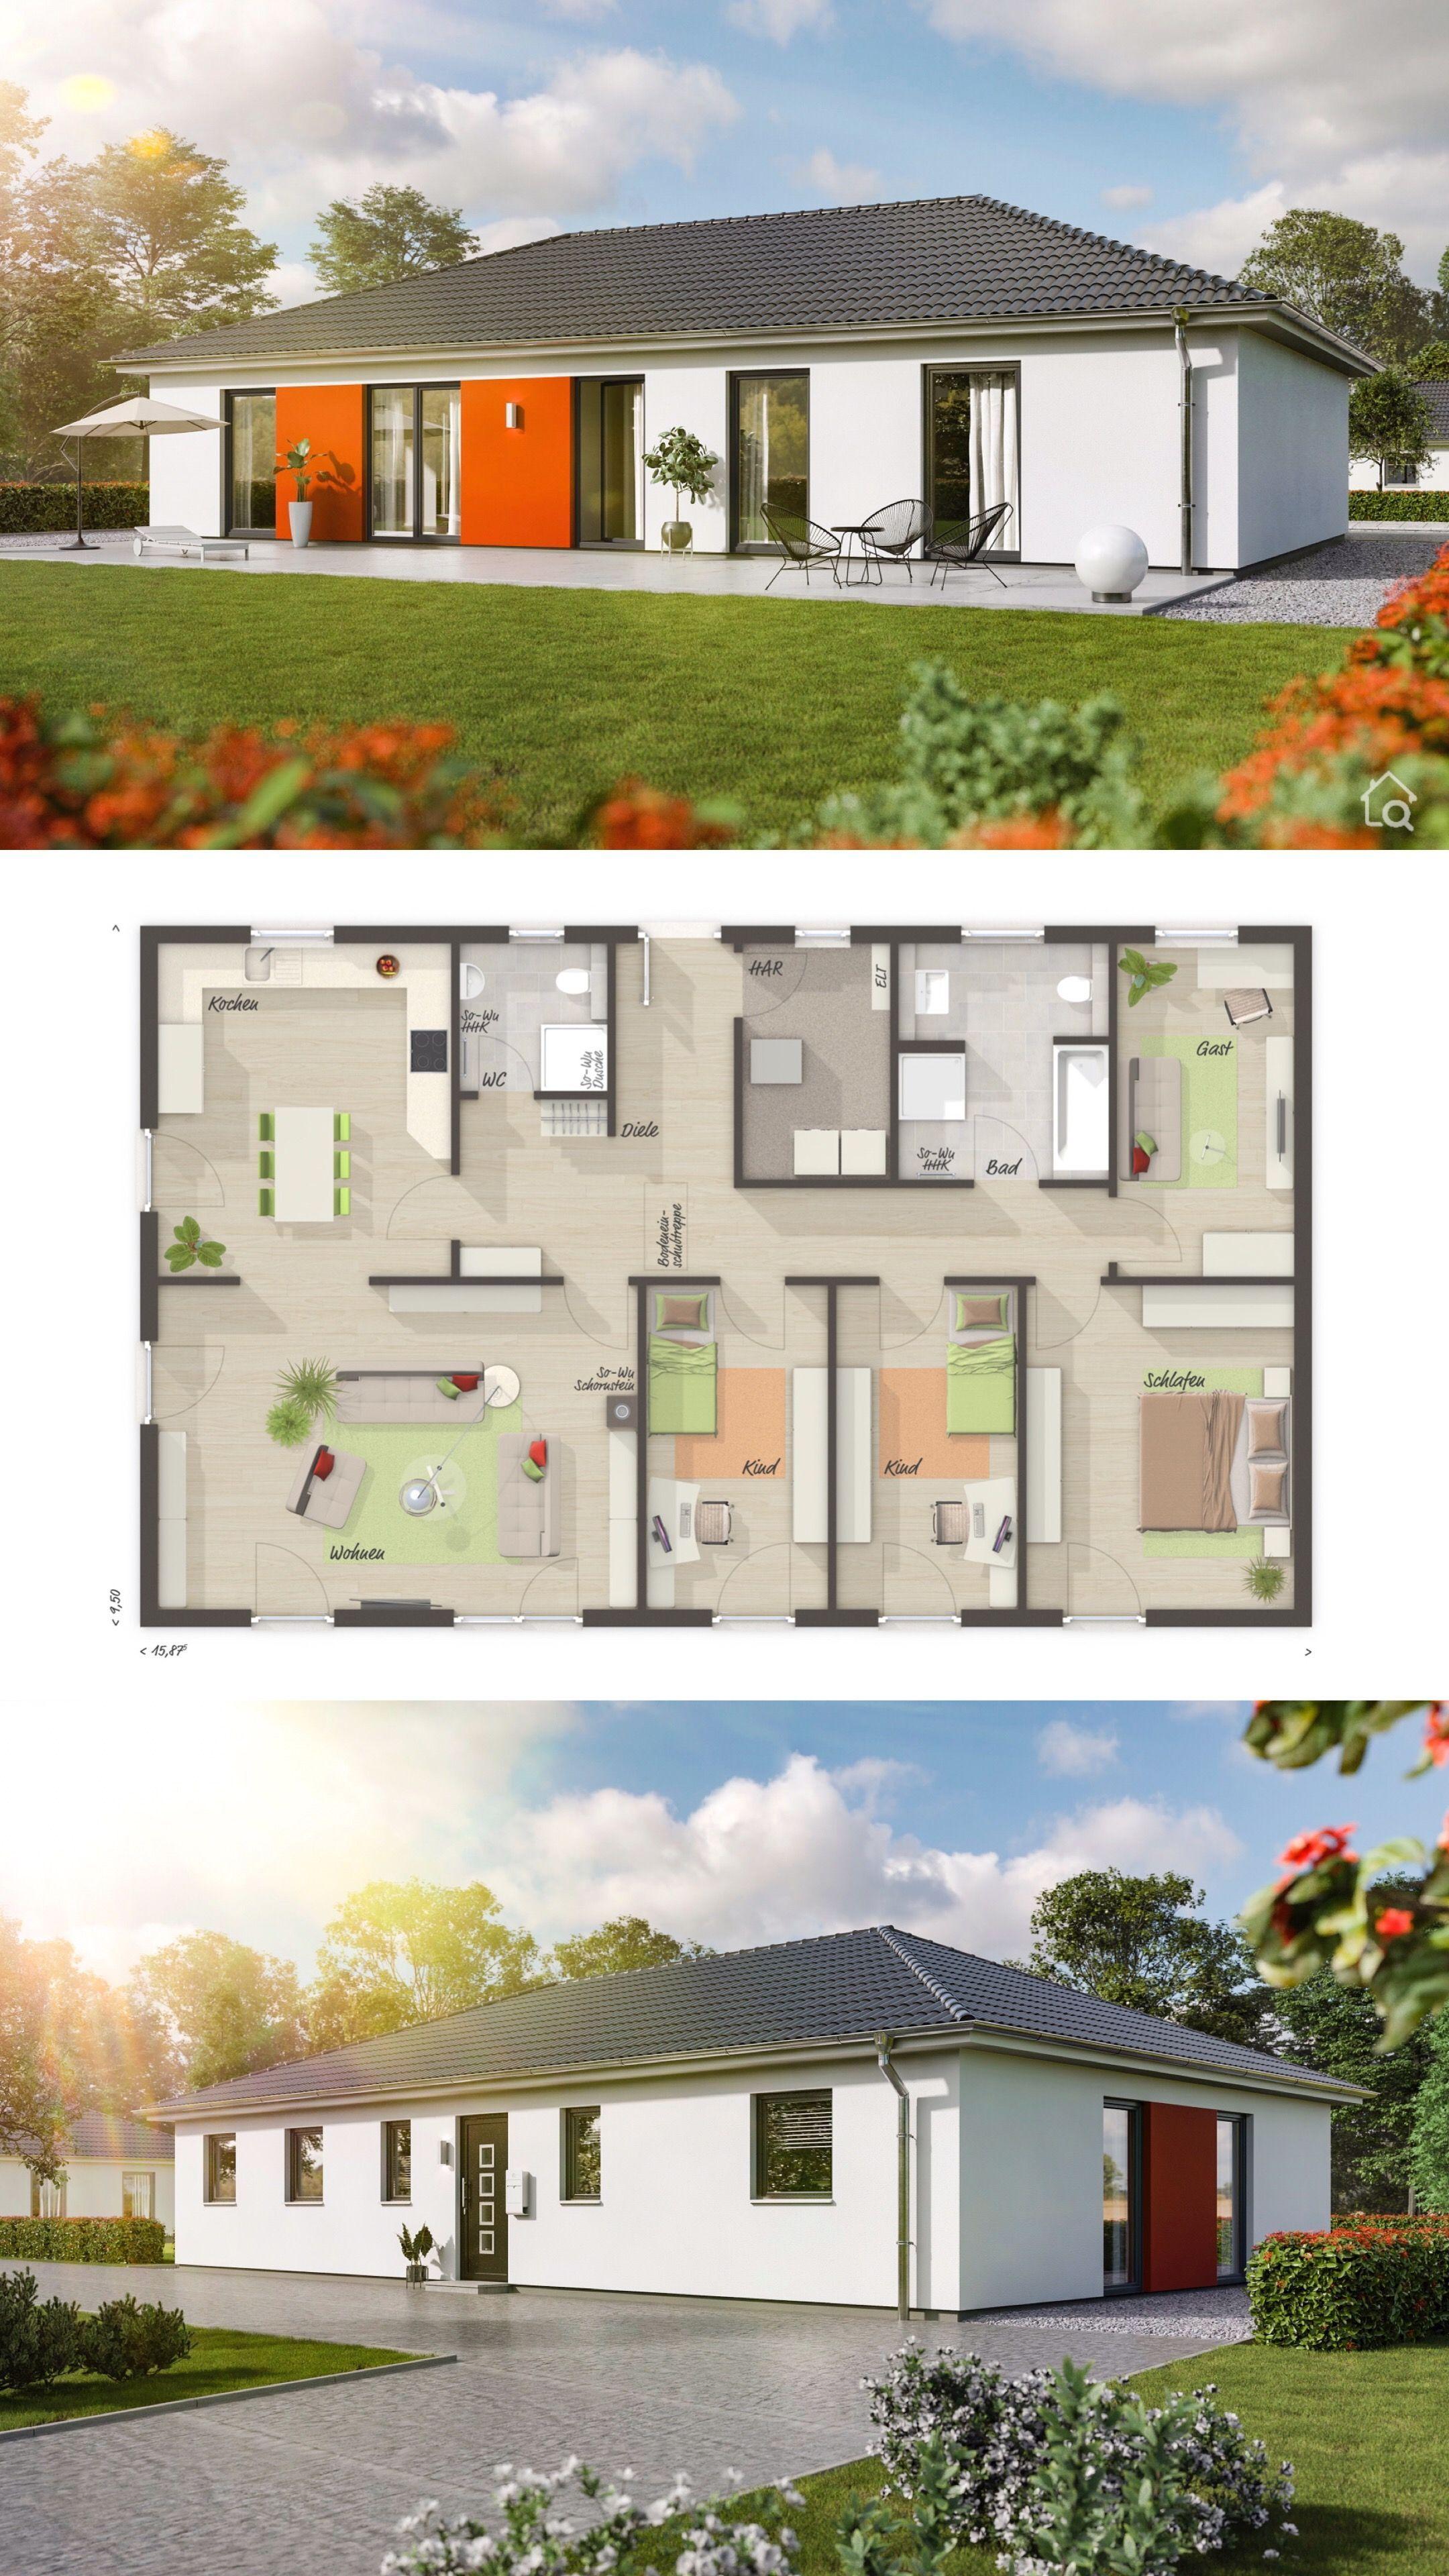 Bungalow Haus mit Walmdach & 5 Zimmer Grundriss